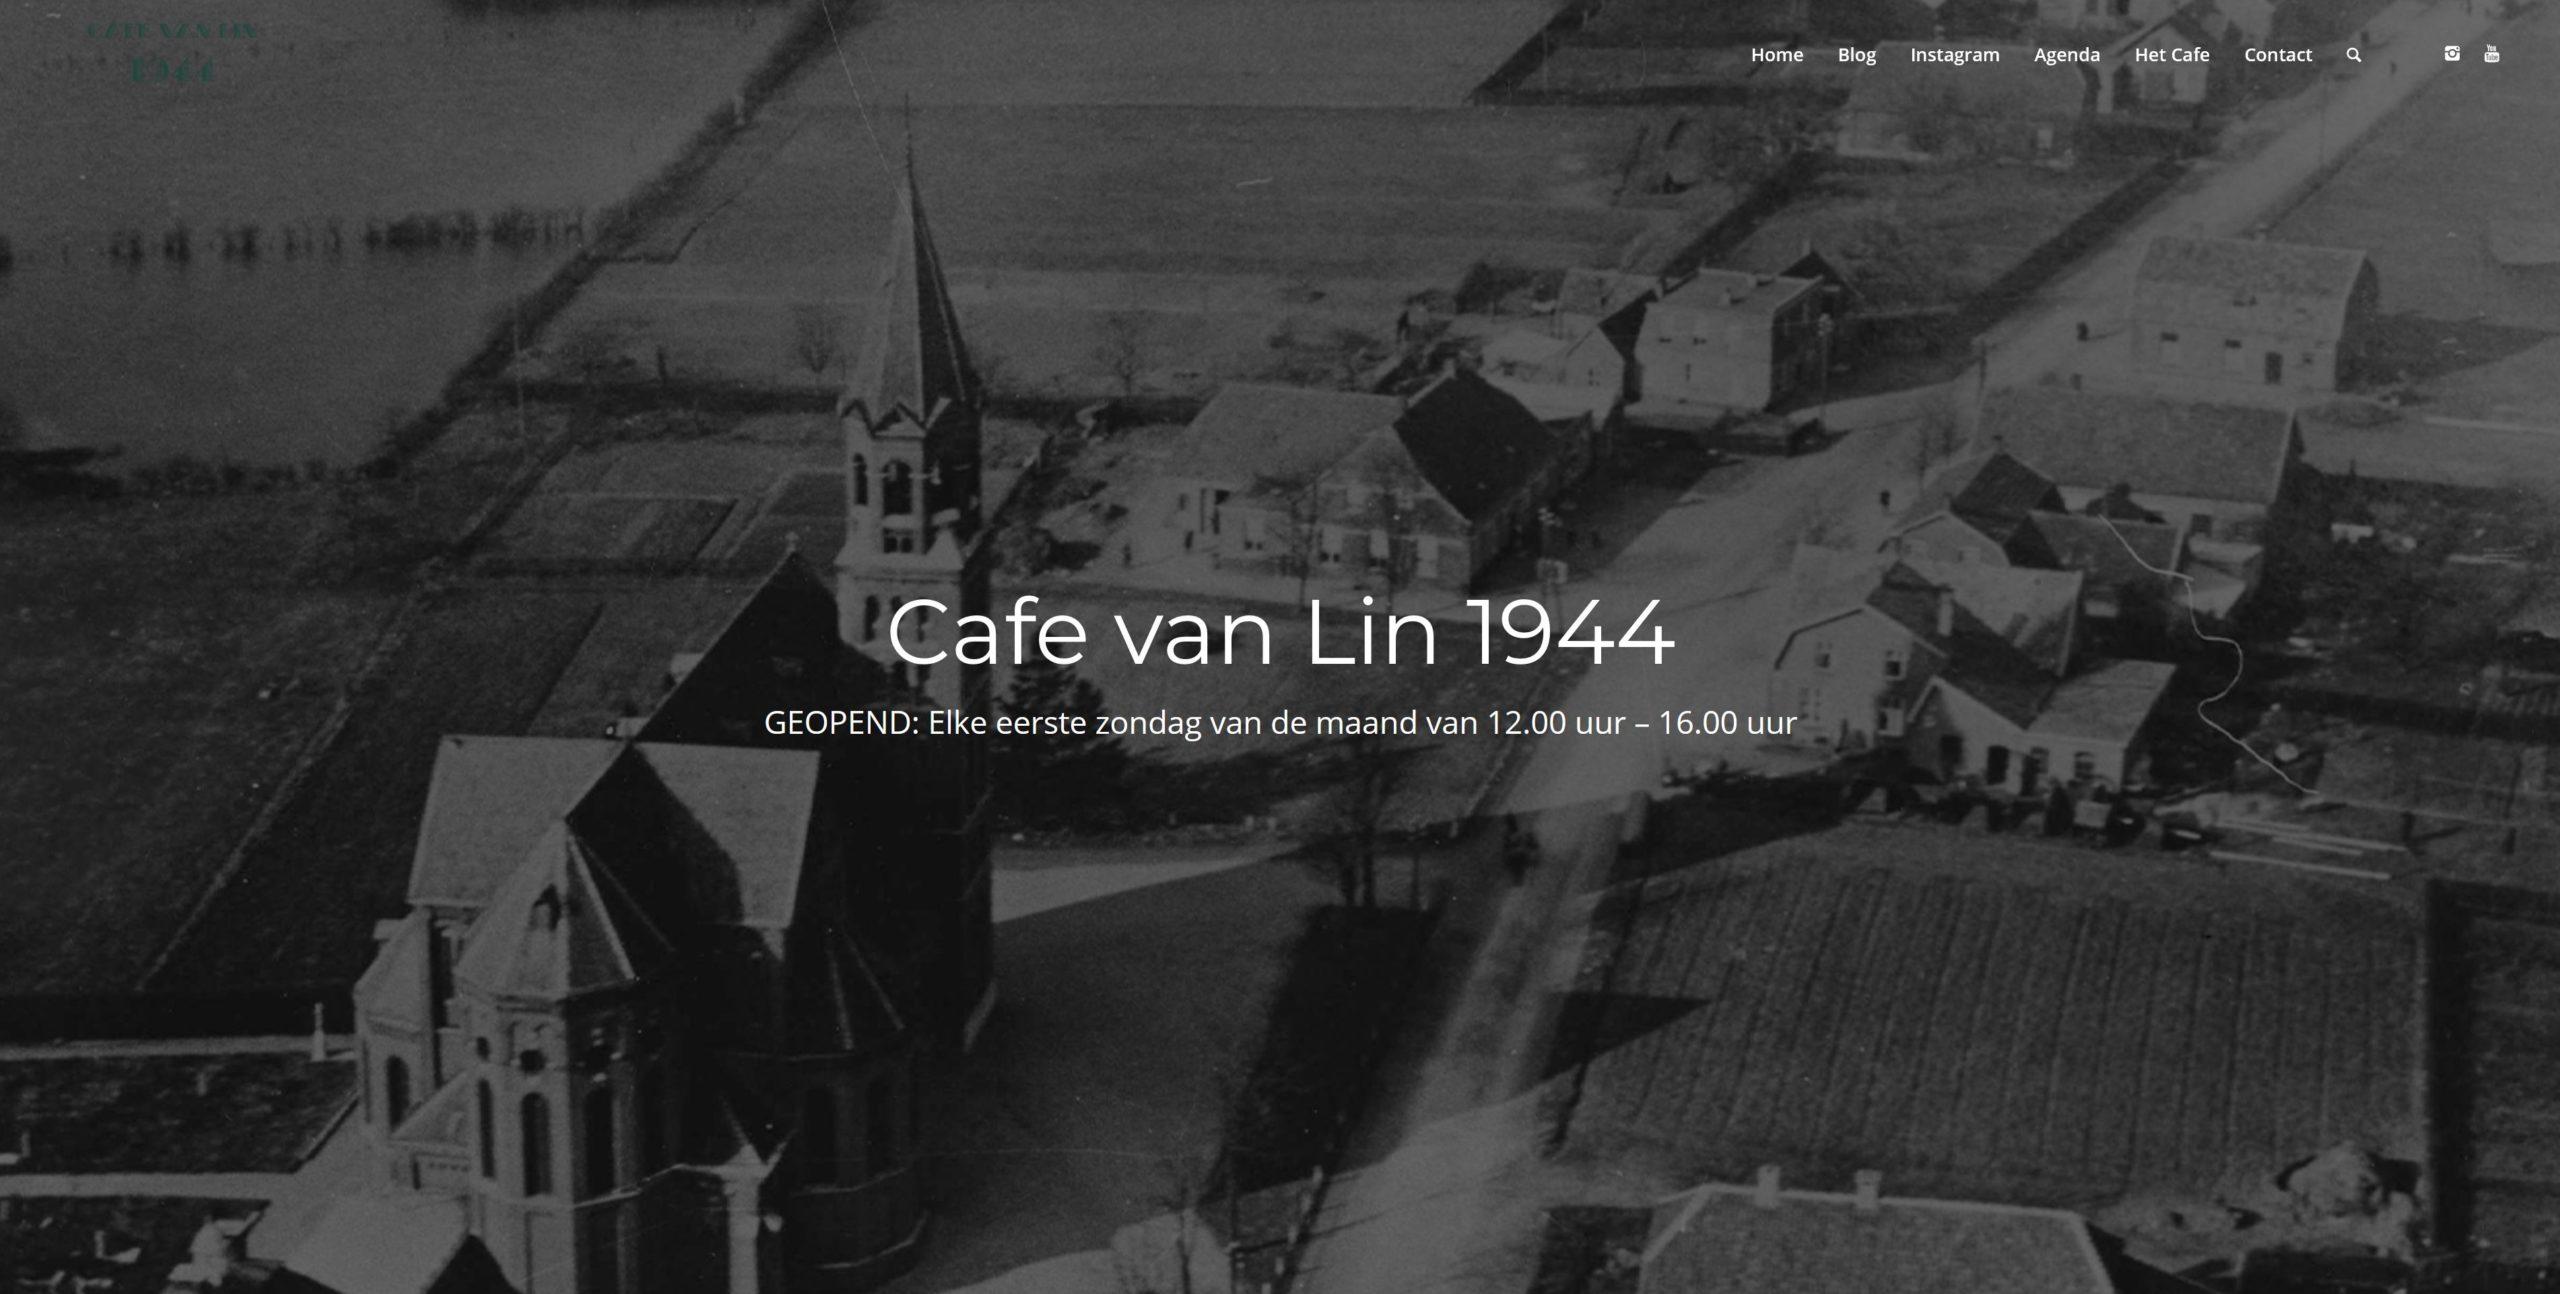 Café van Lin 1944 geopend @ Cafe van Lin 1944